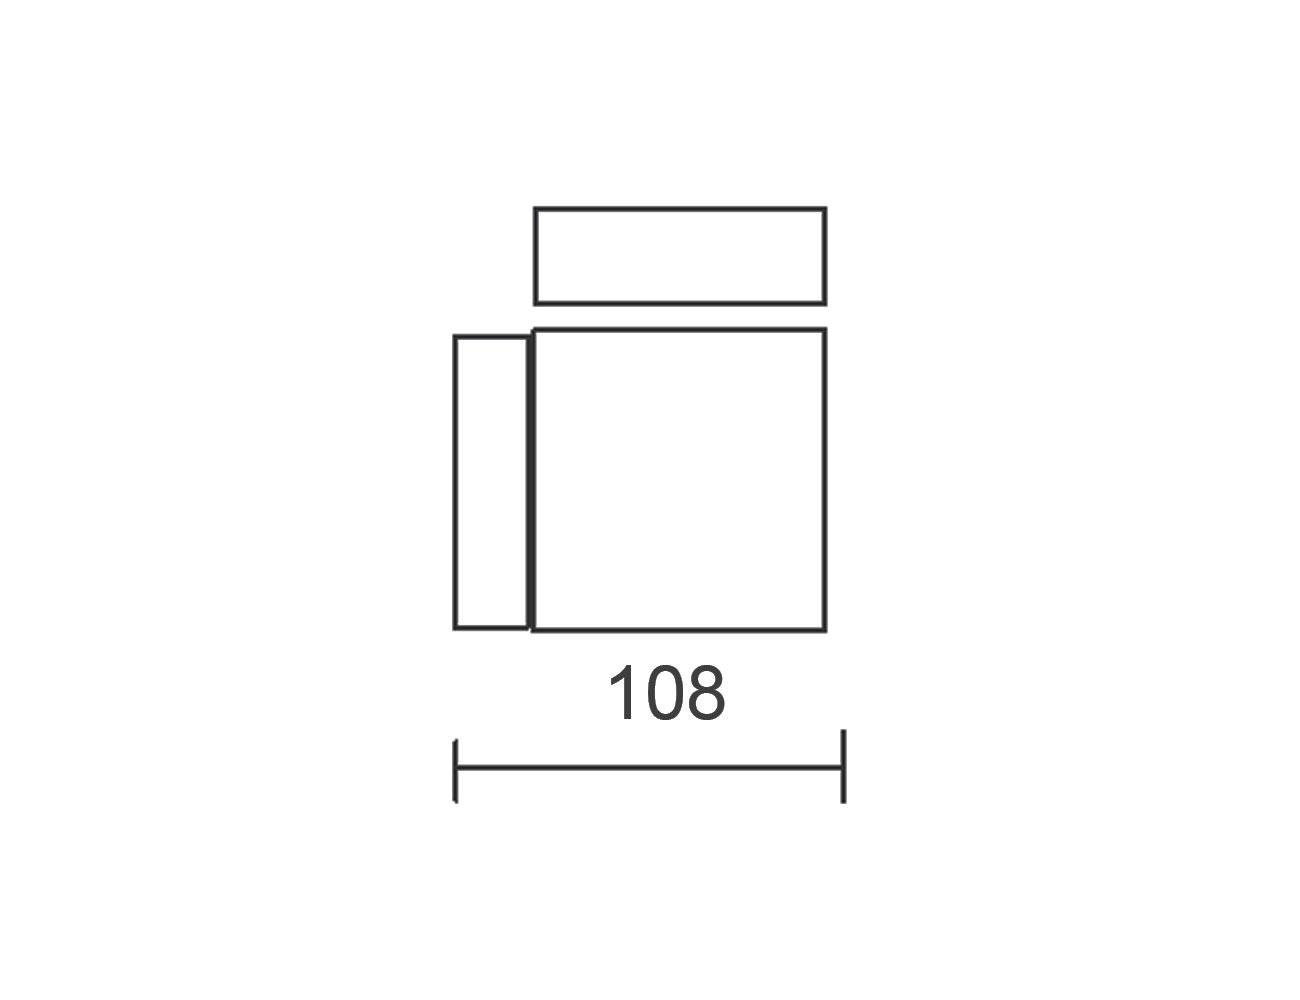 Modulo 1081